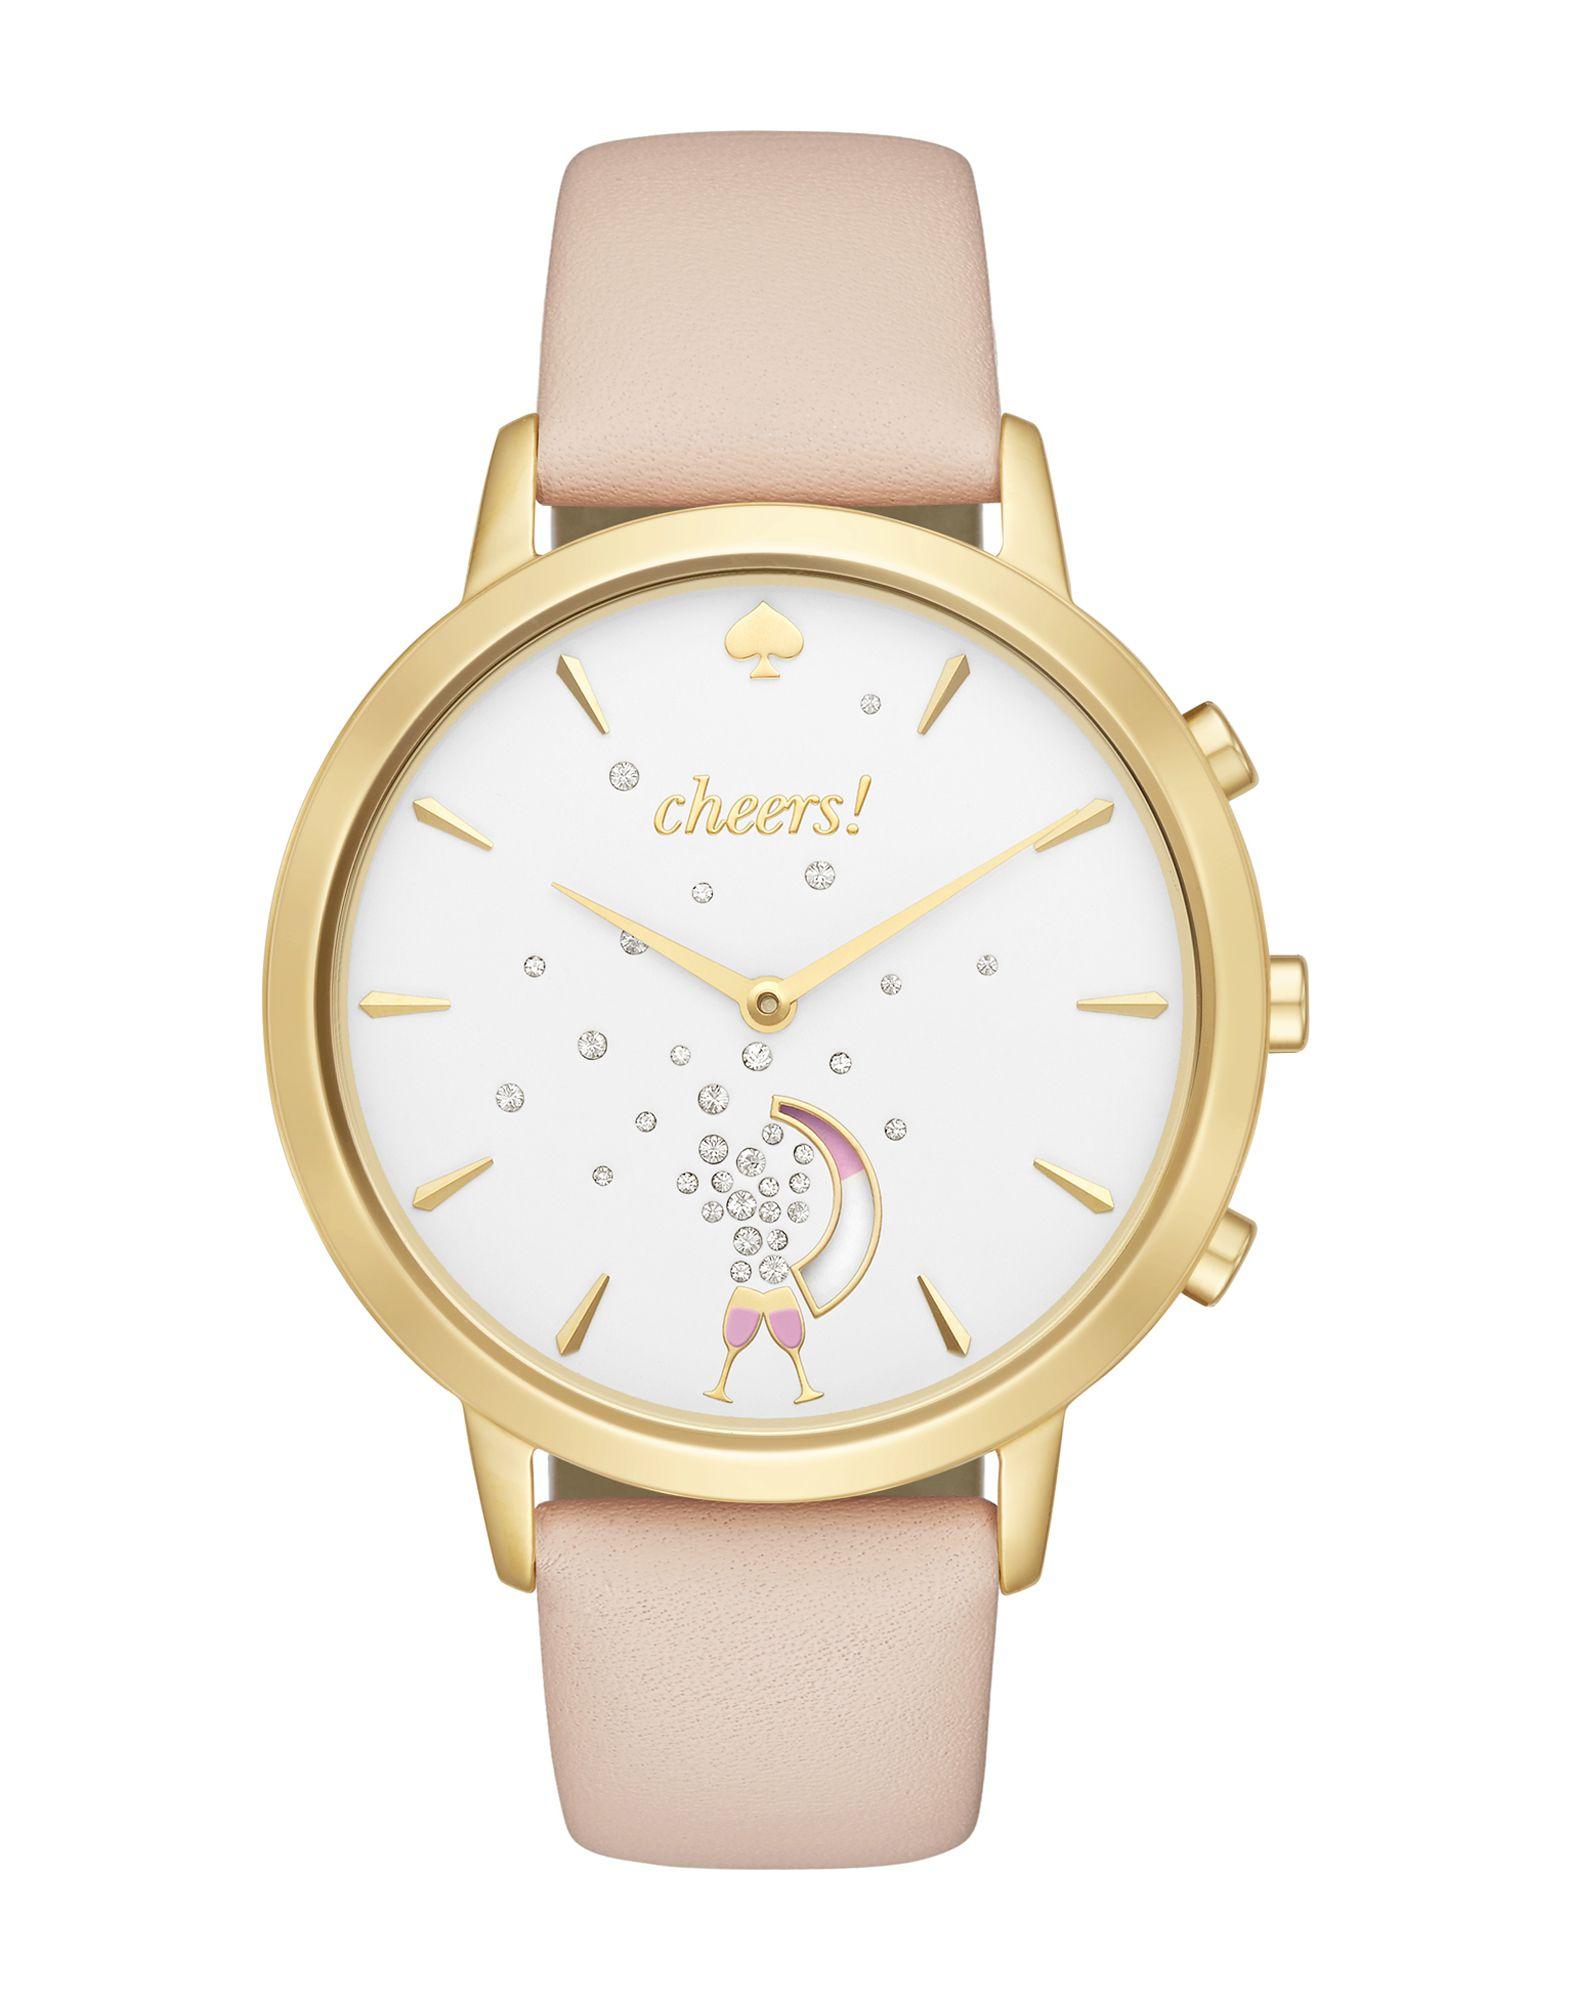 KATE SPADE New York Damen Armbanduhr Farbe Weiß Größe 1